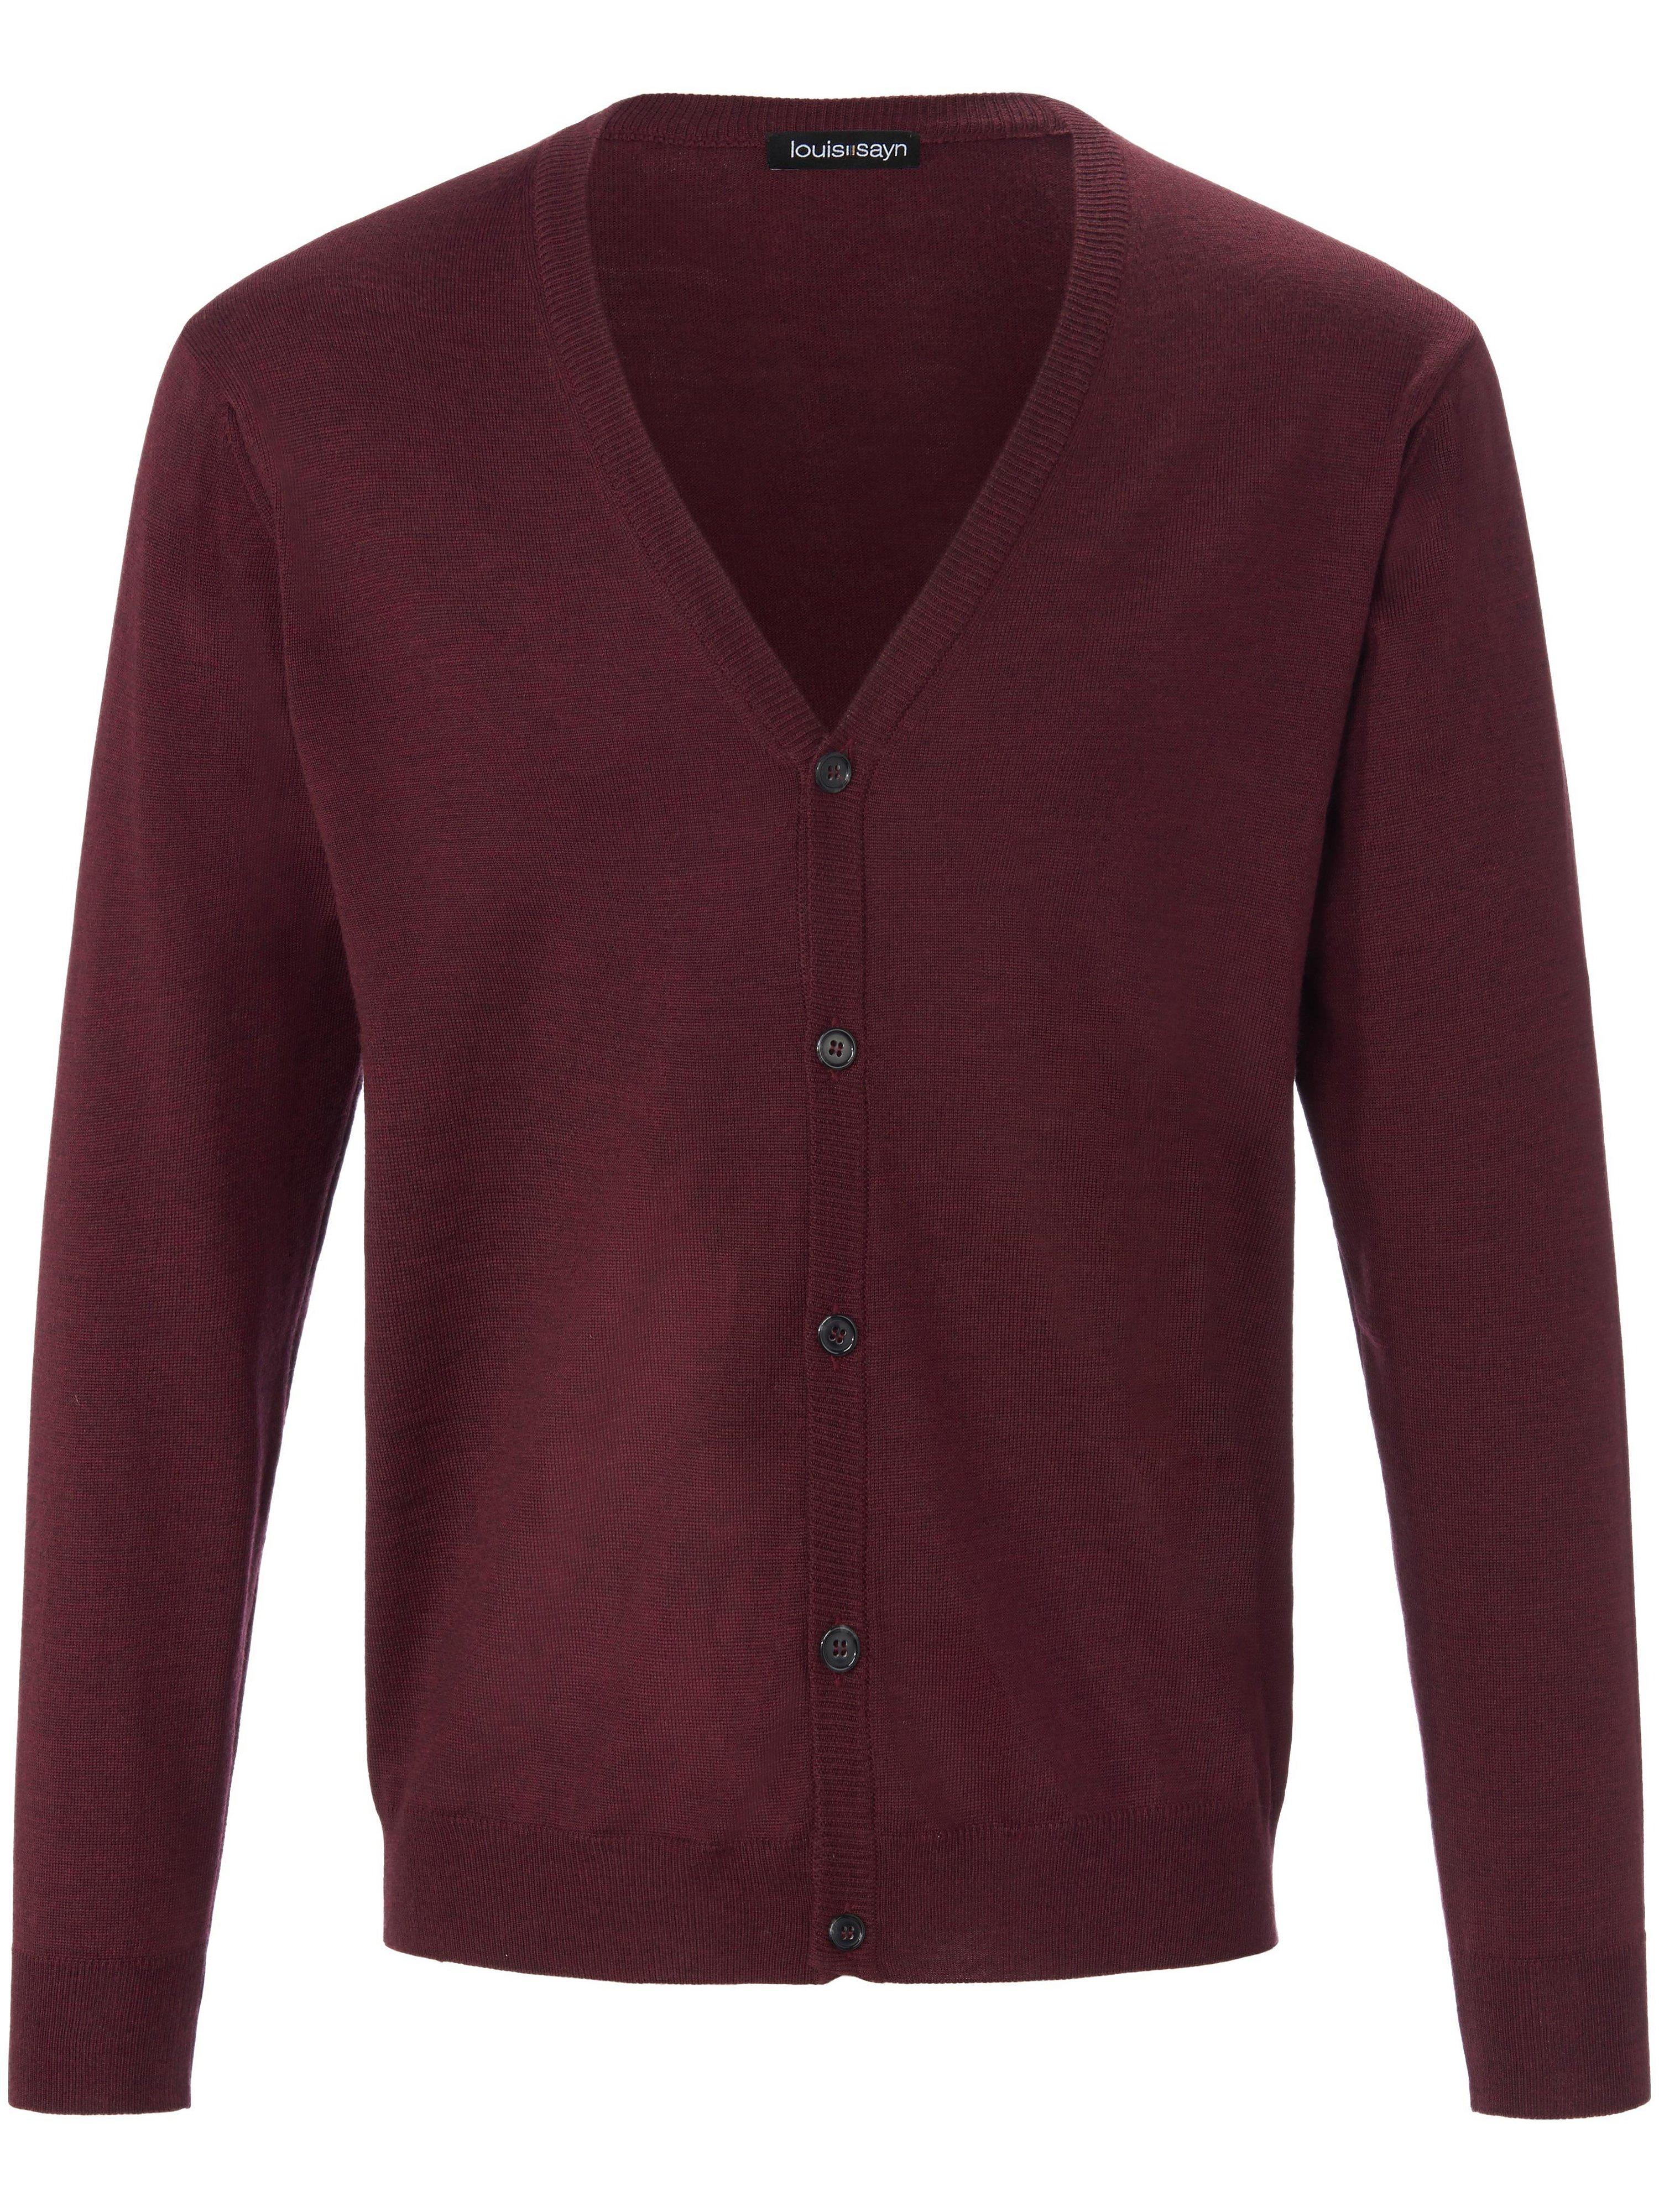 Vest 100% scheerwol Van Louis Sayn rood